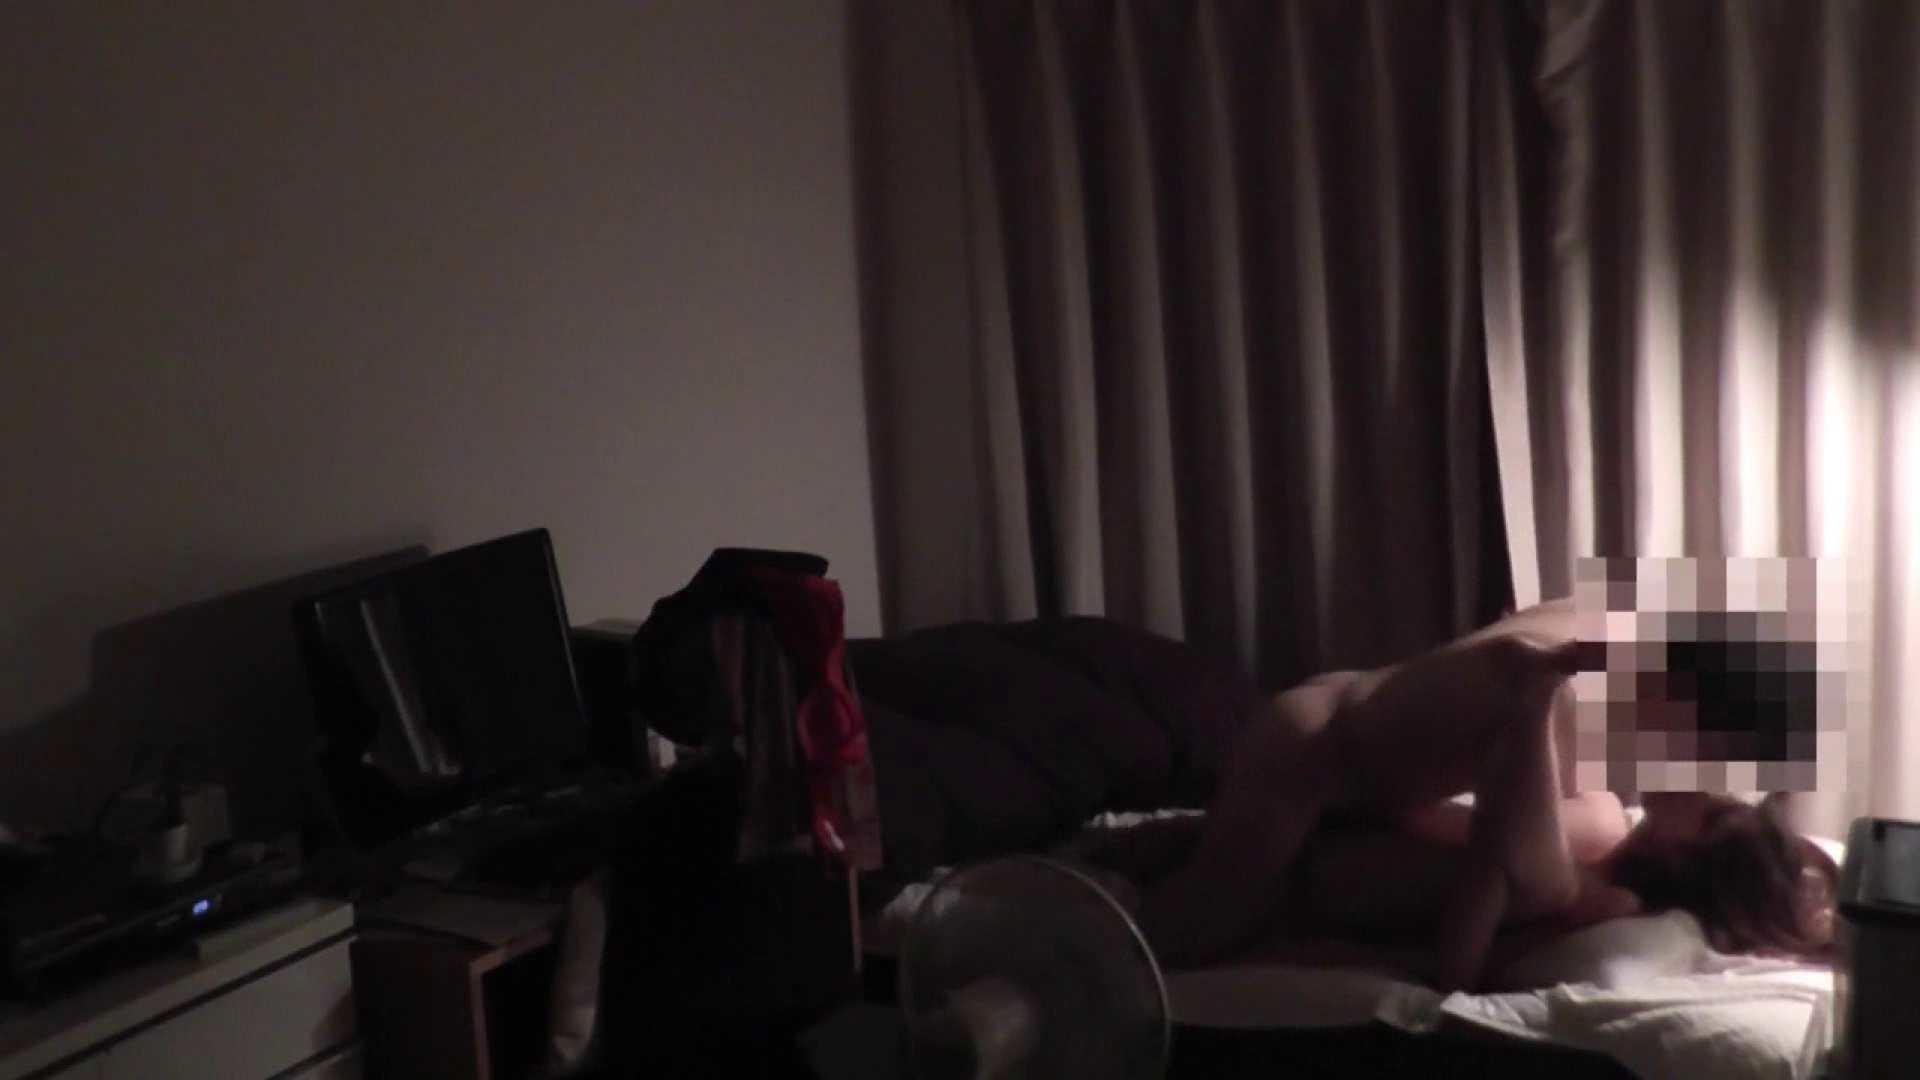 美女だらけのプライベートSEXvol.3 色っぽいOL達 AV無料動画キャプチャ 79pic 42